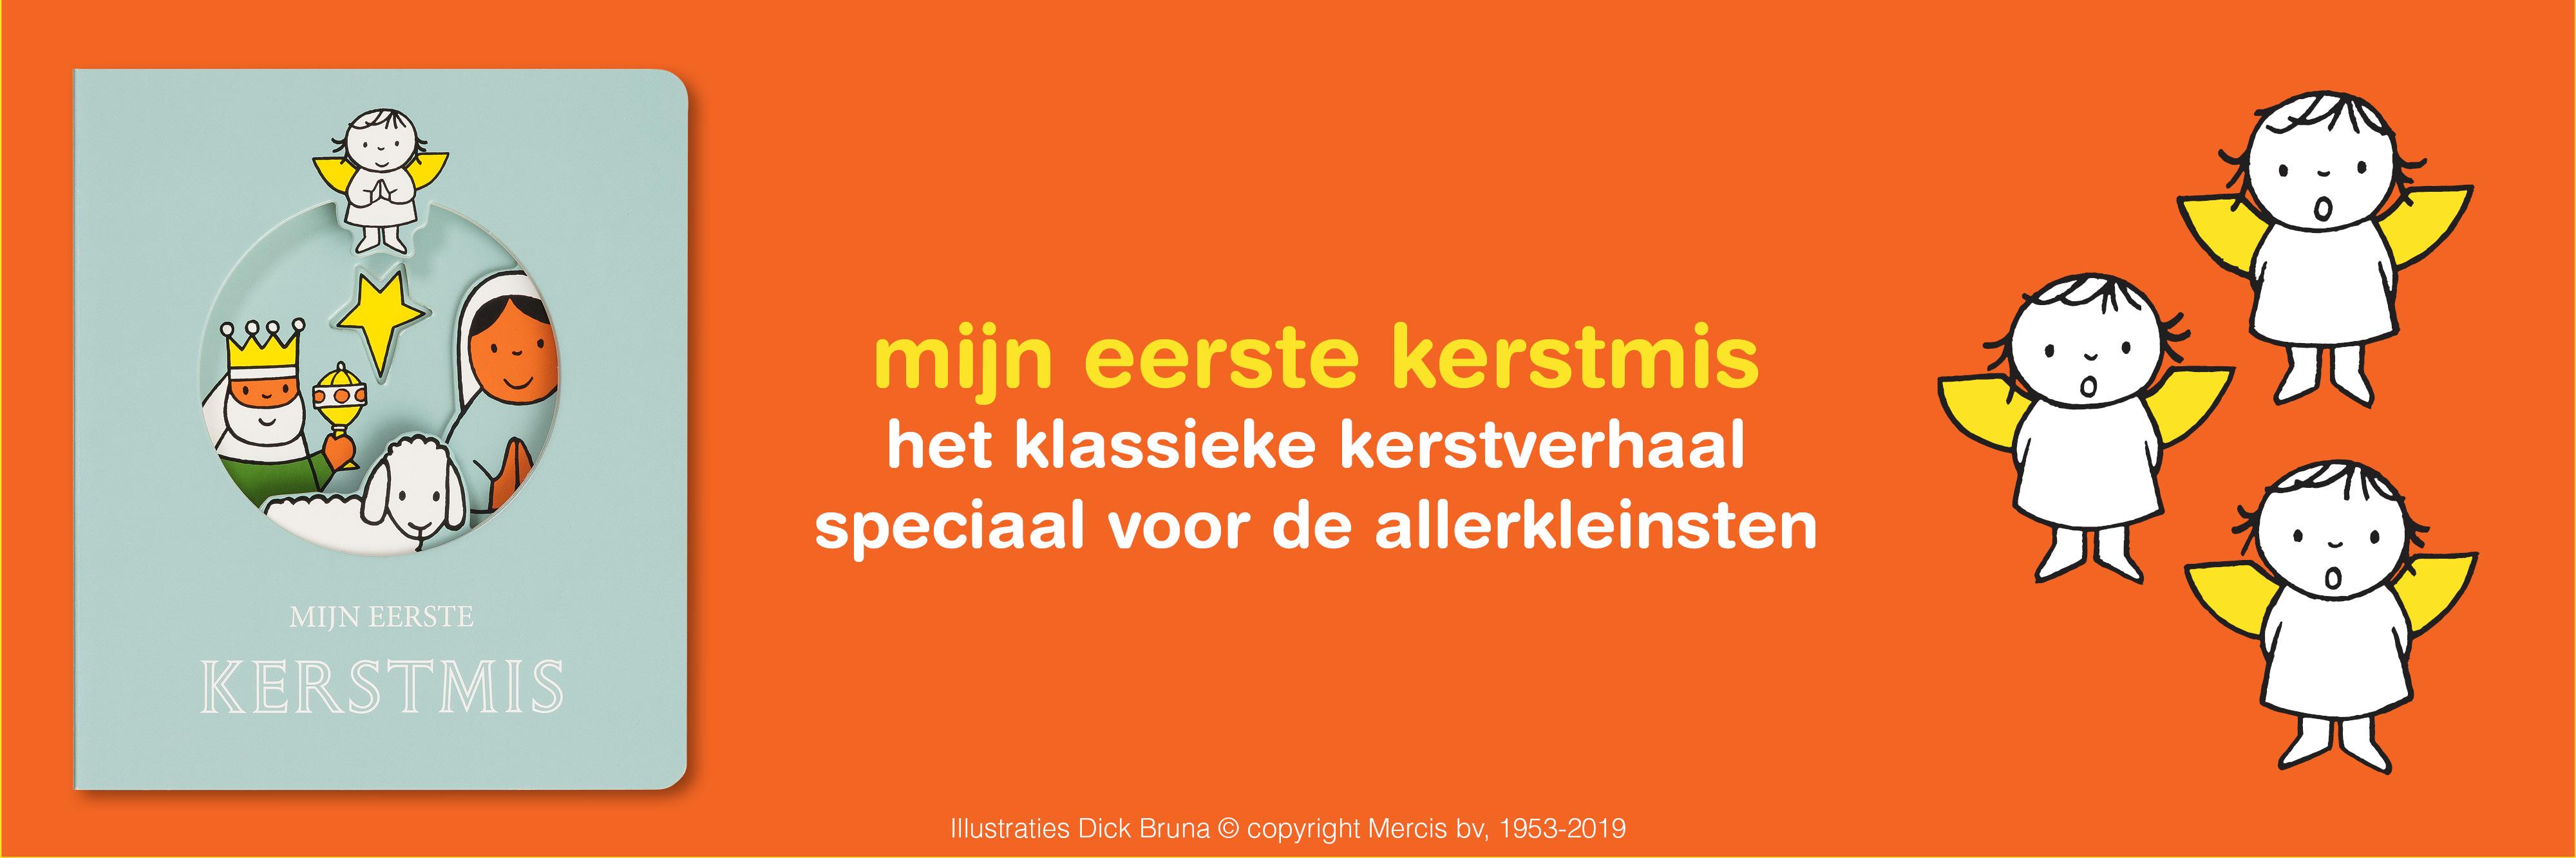 338600 banner mijneerstekerstmis 4bb775 original 1574348142